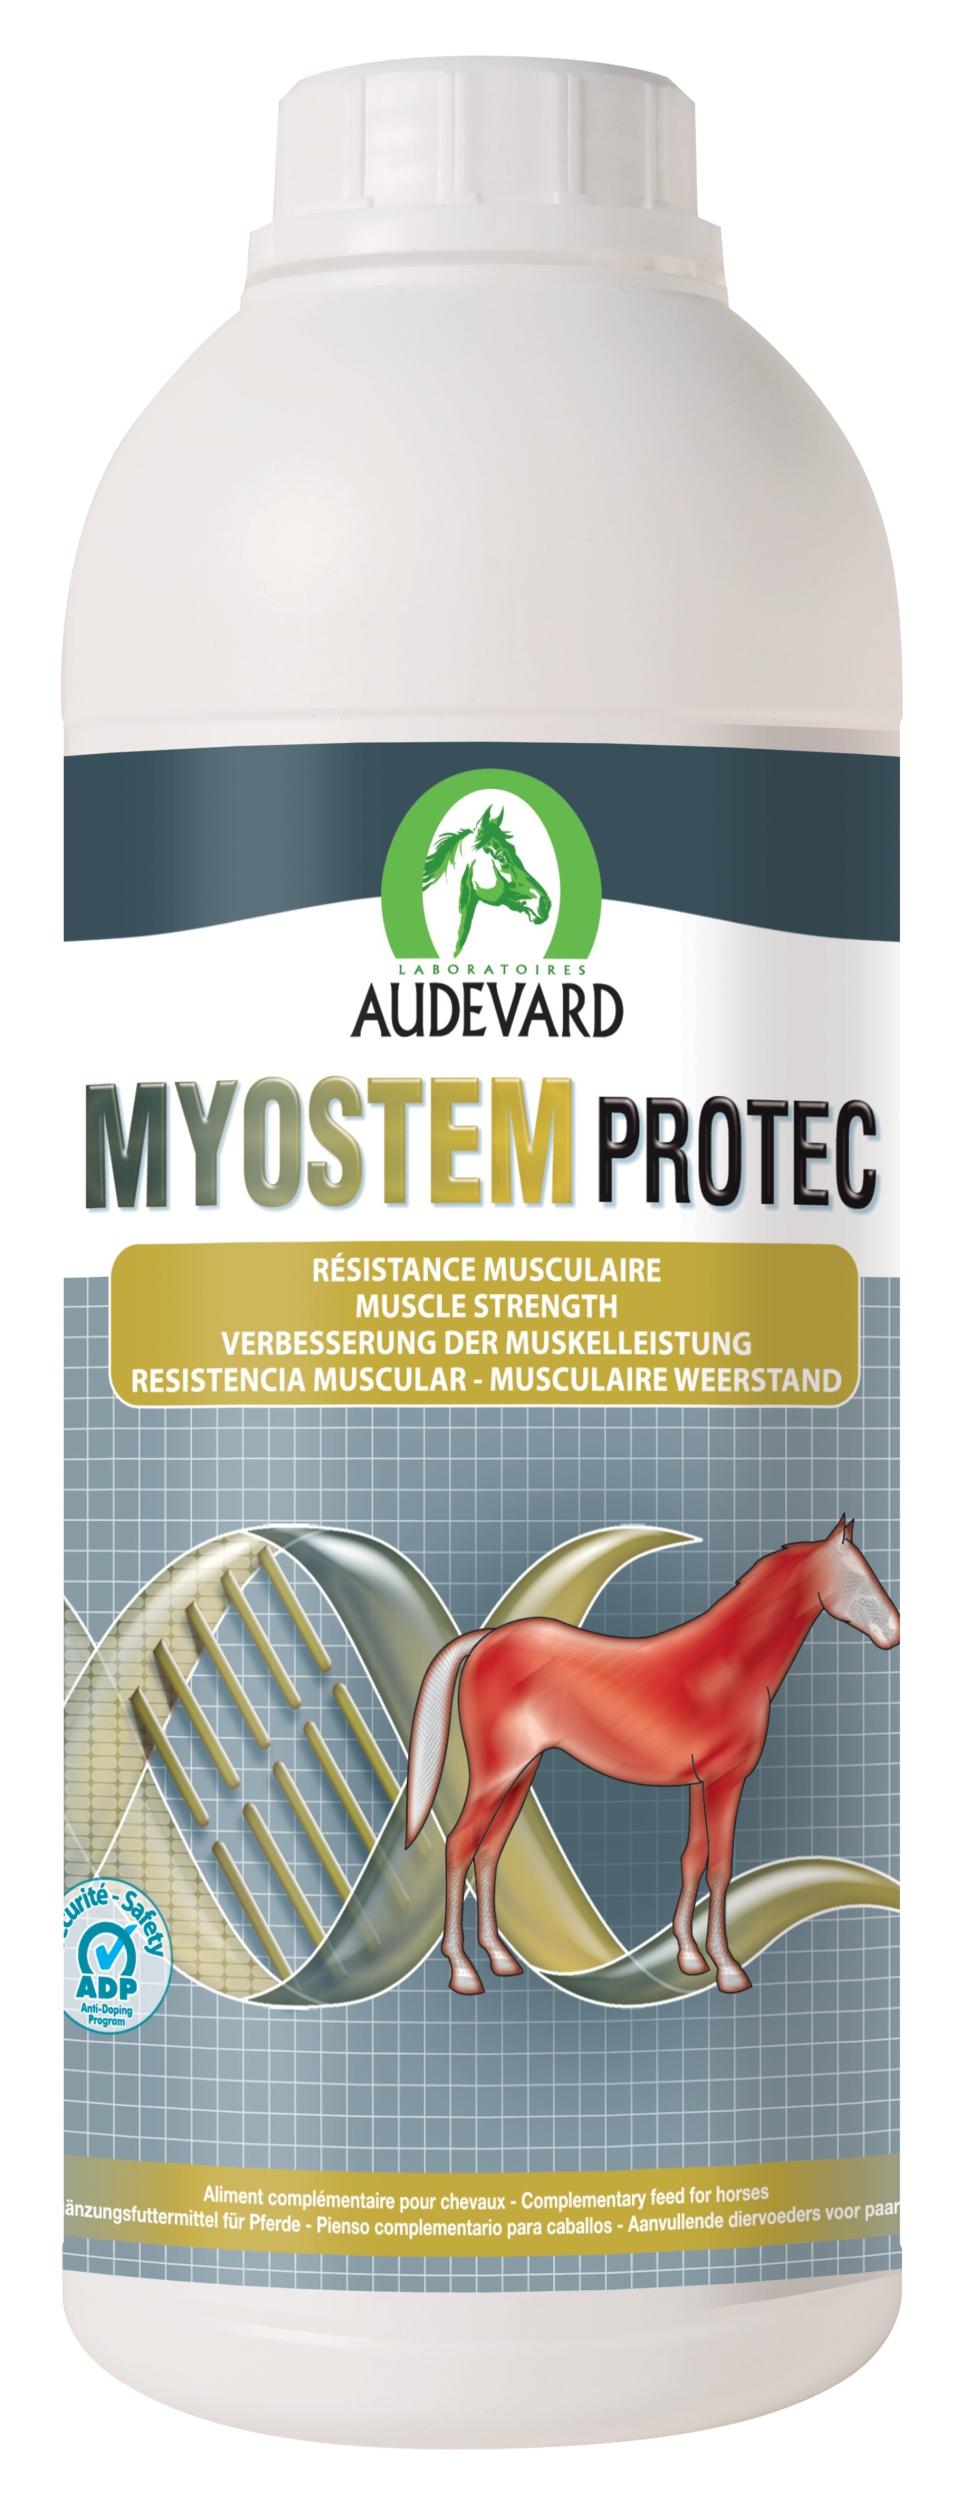 MYOSTEM PROTEC resistance musculaire du cheval